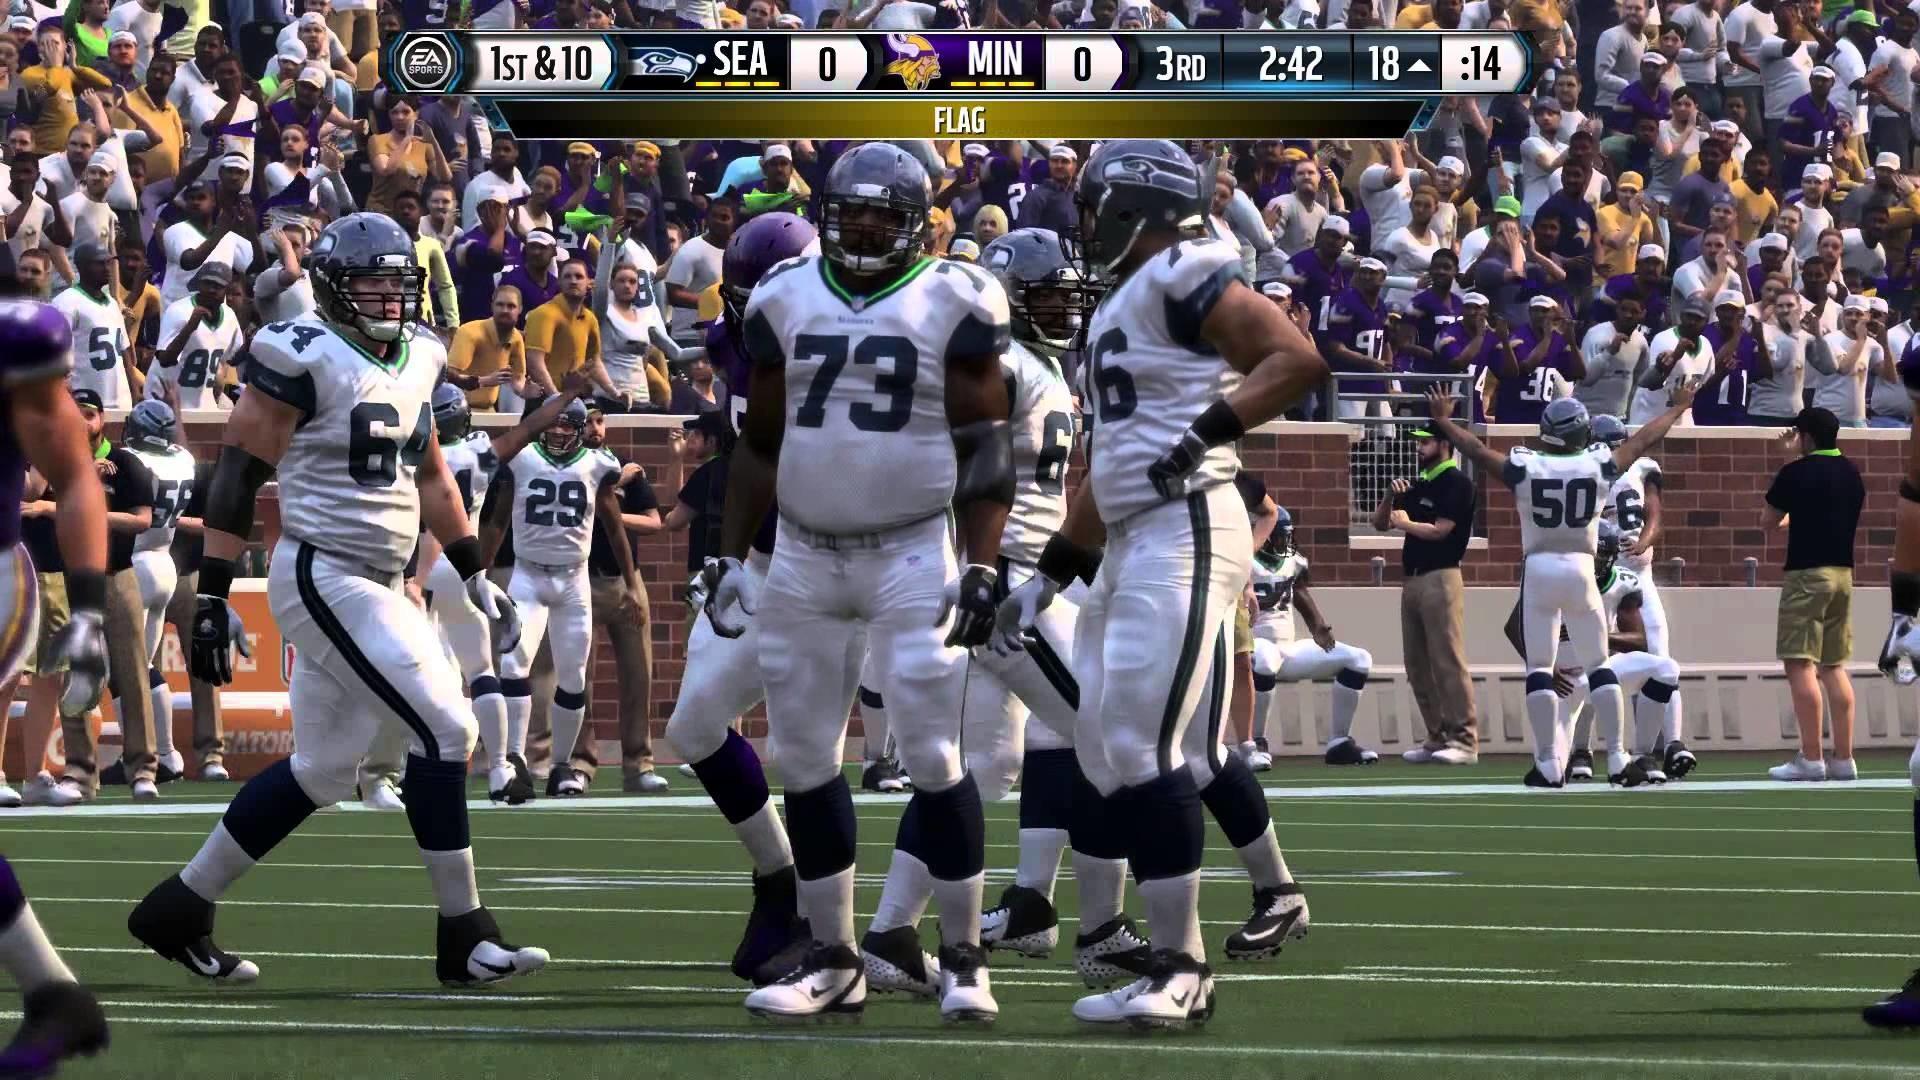 Madden 16 Jerry Rice Seahawks Career Mode Ep 13 vs Vikings